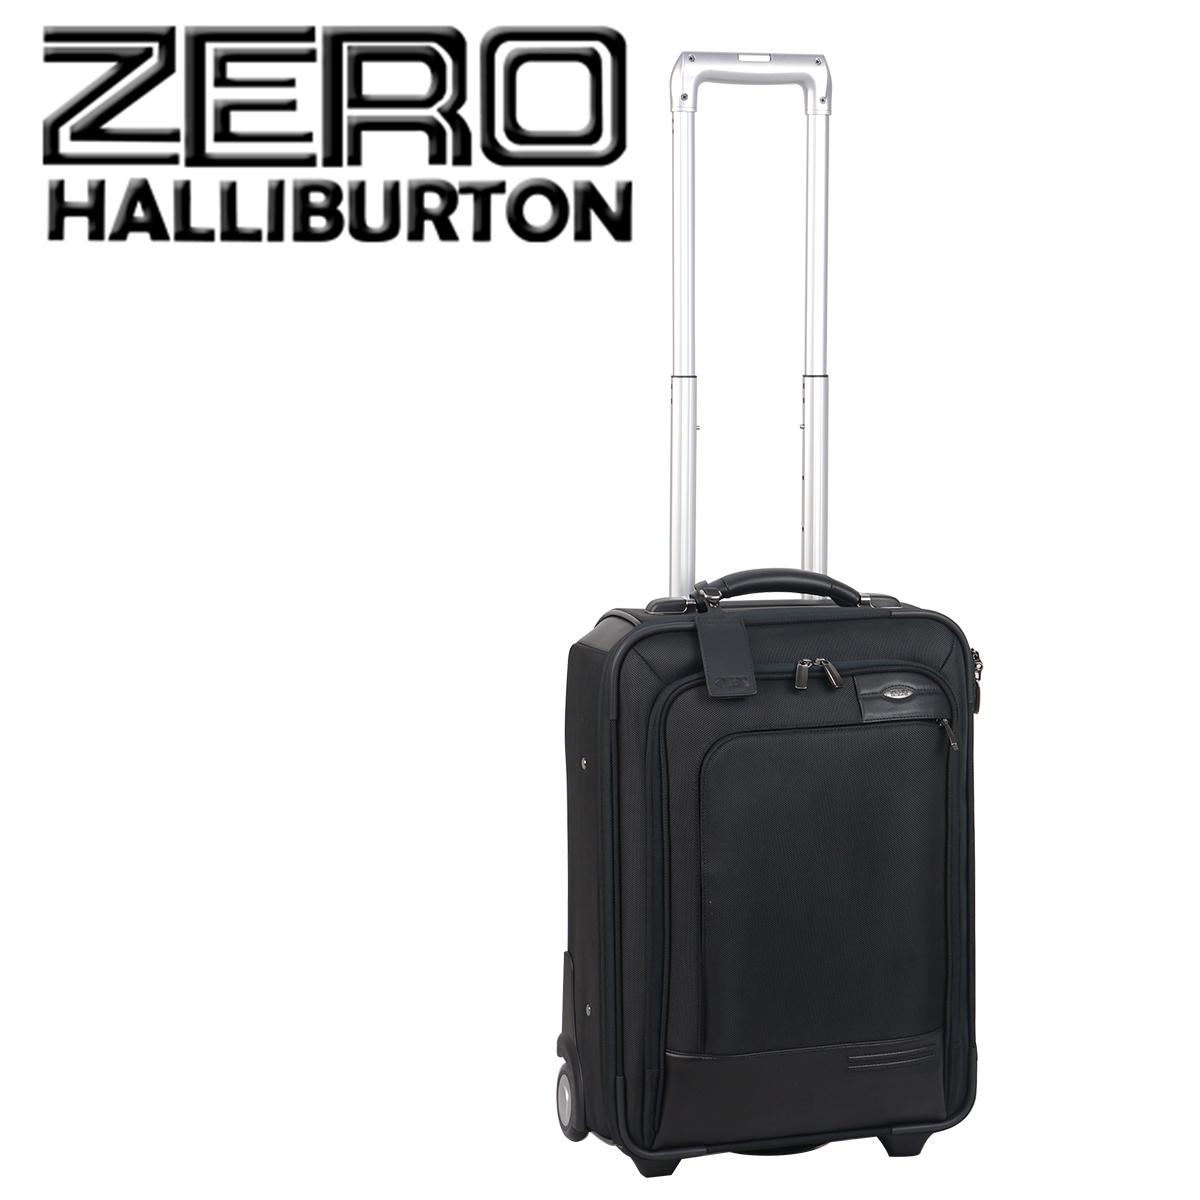 ゼロハリバートン Profile 21IN Carry On Upright キャリーケース 2輪 ブラック 北海道・沖縄は別途962円加算